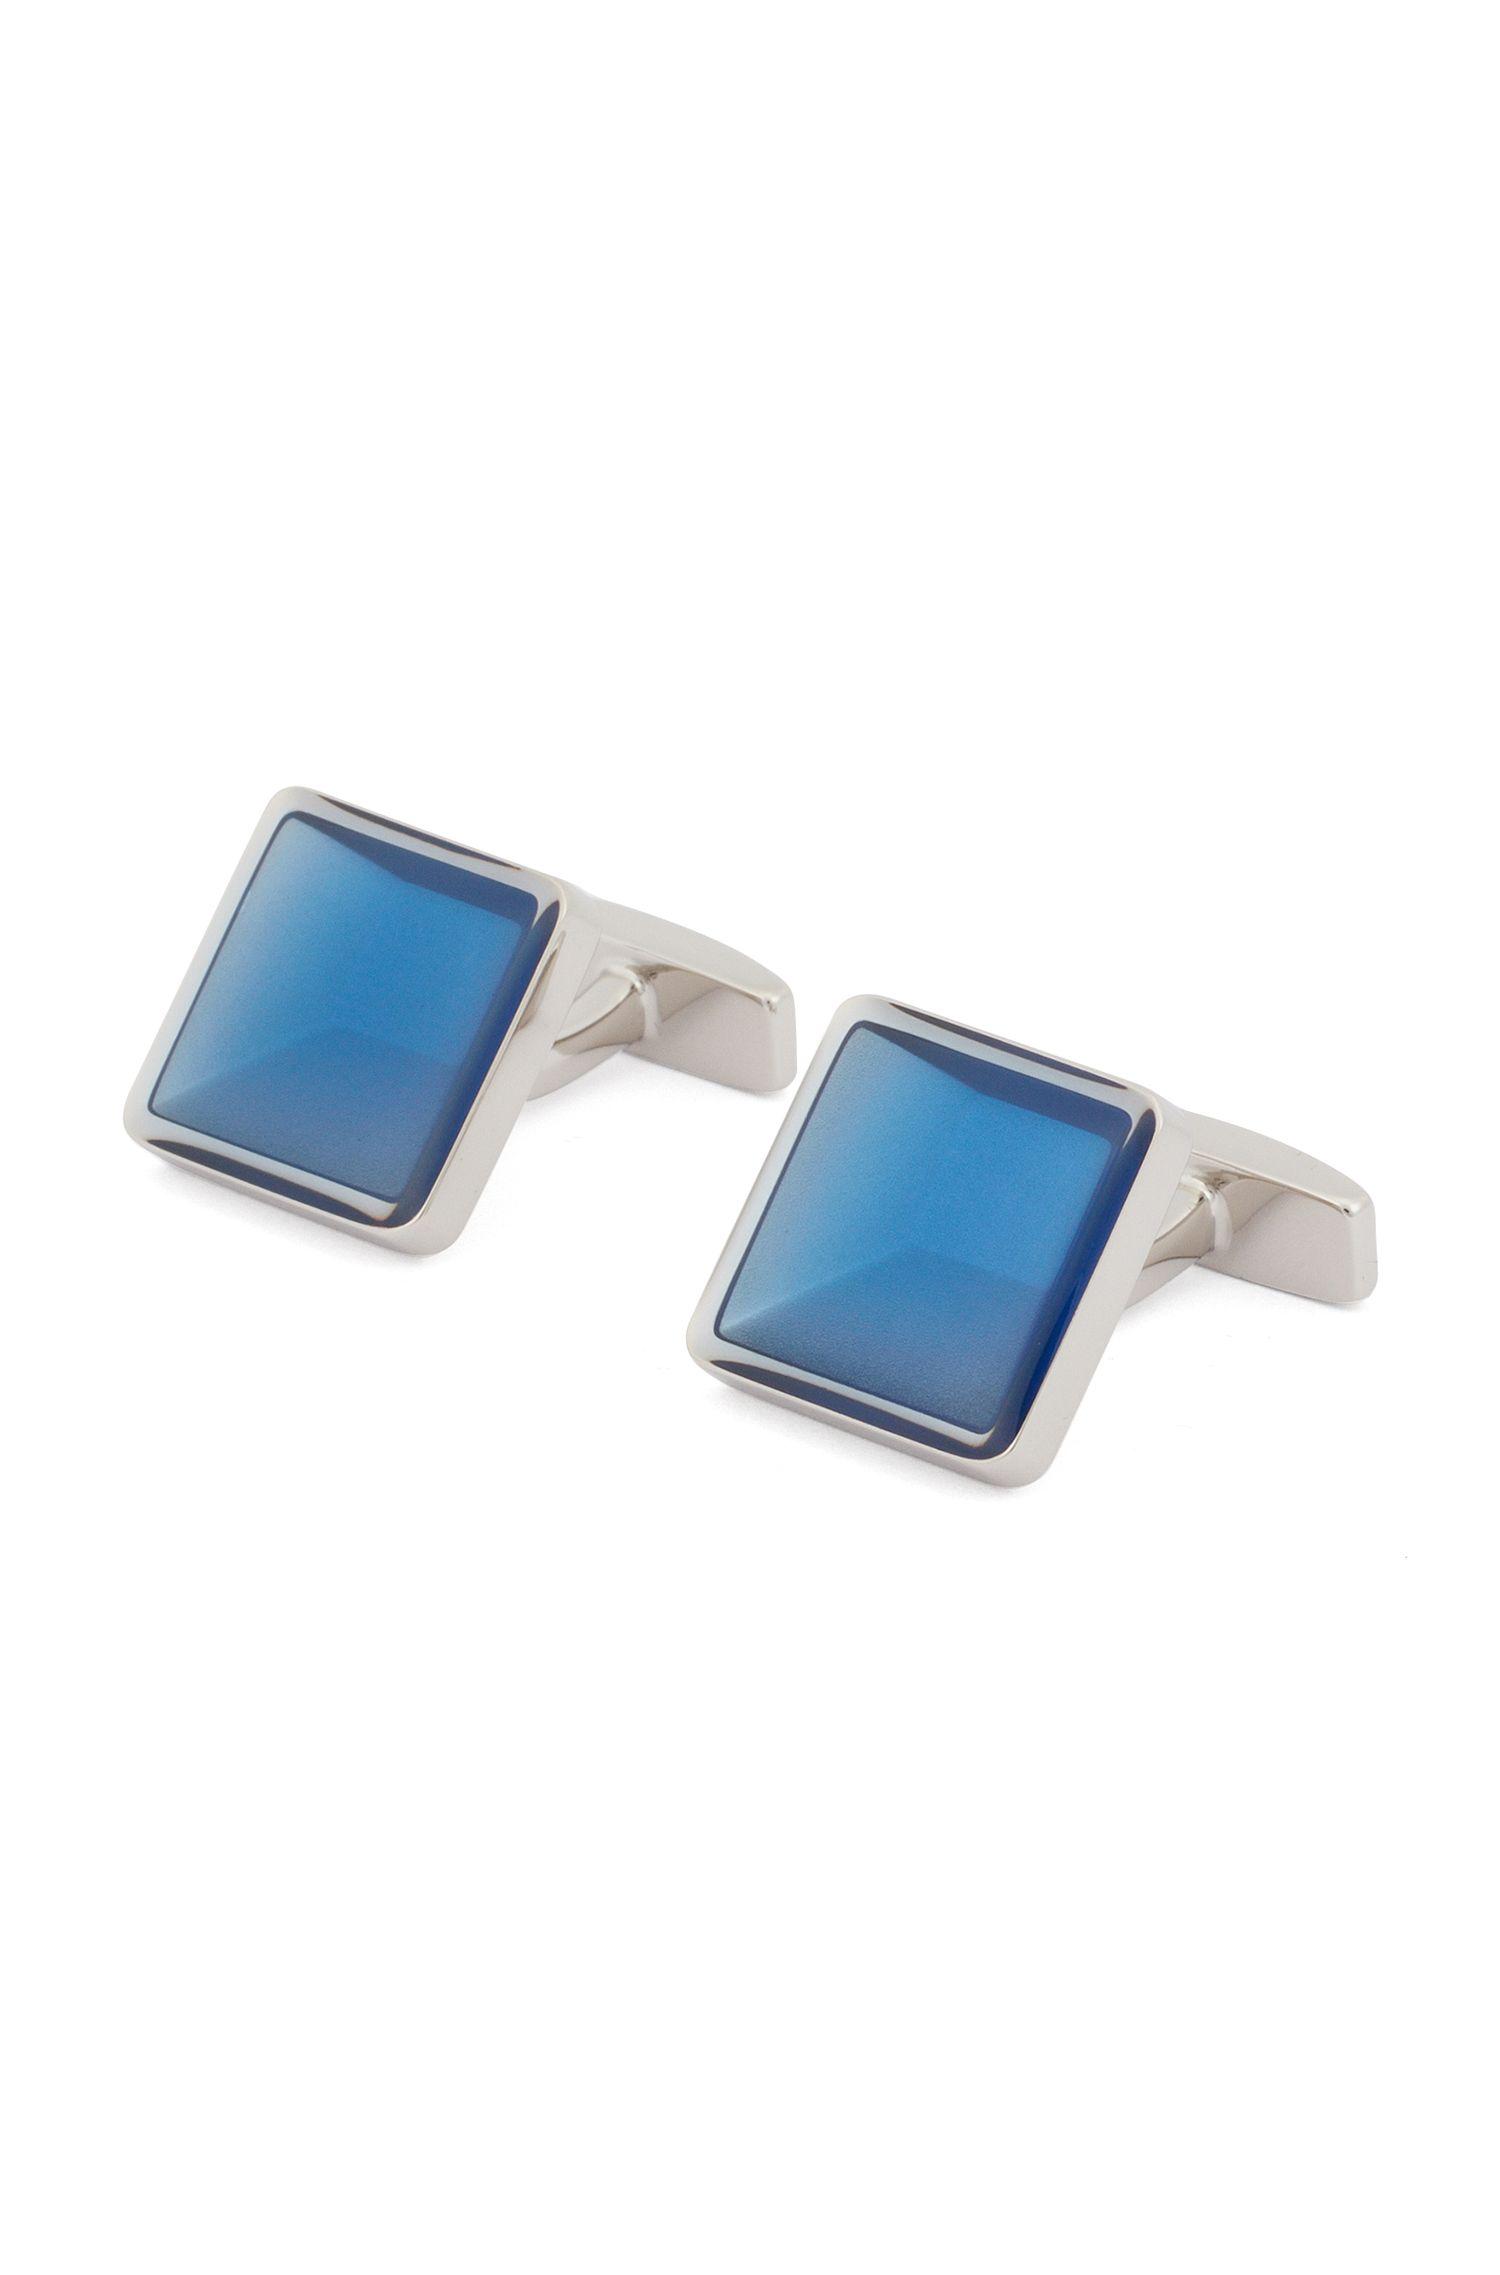 Quadratische Manschettenknöpfe mit Emaille-Kern in 3D-Optik, Blau